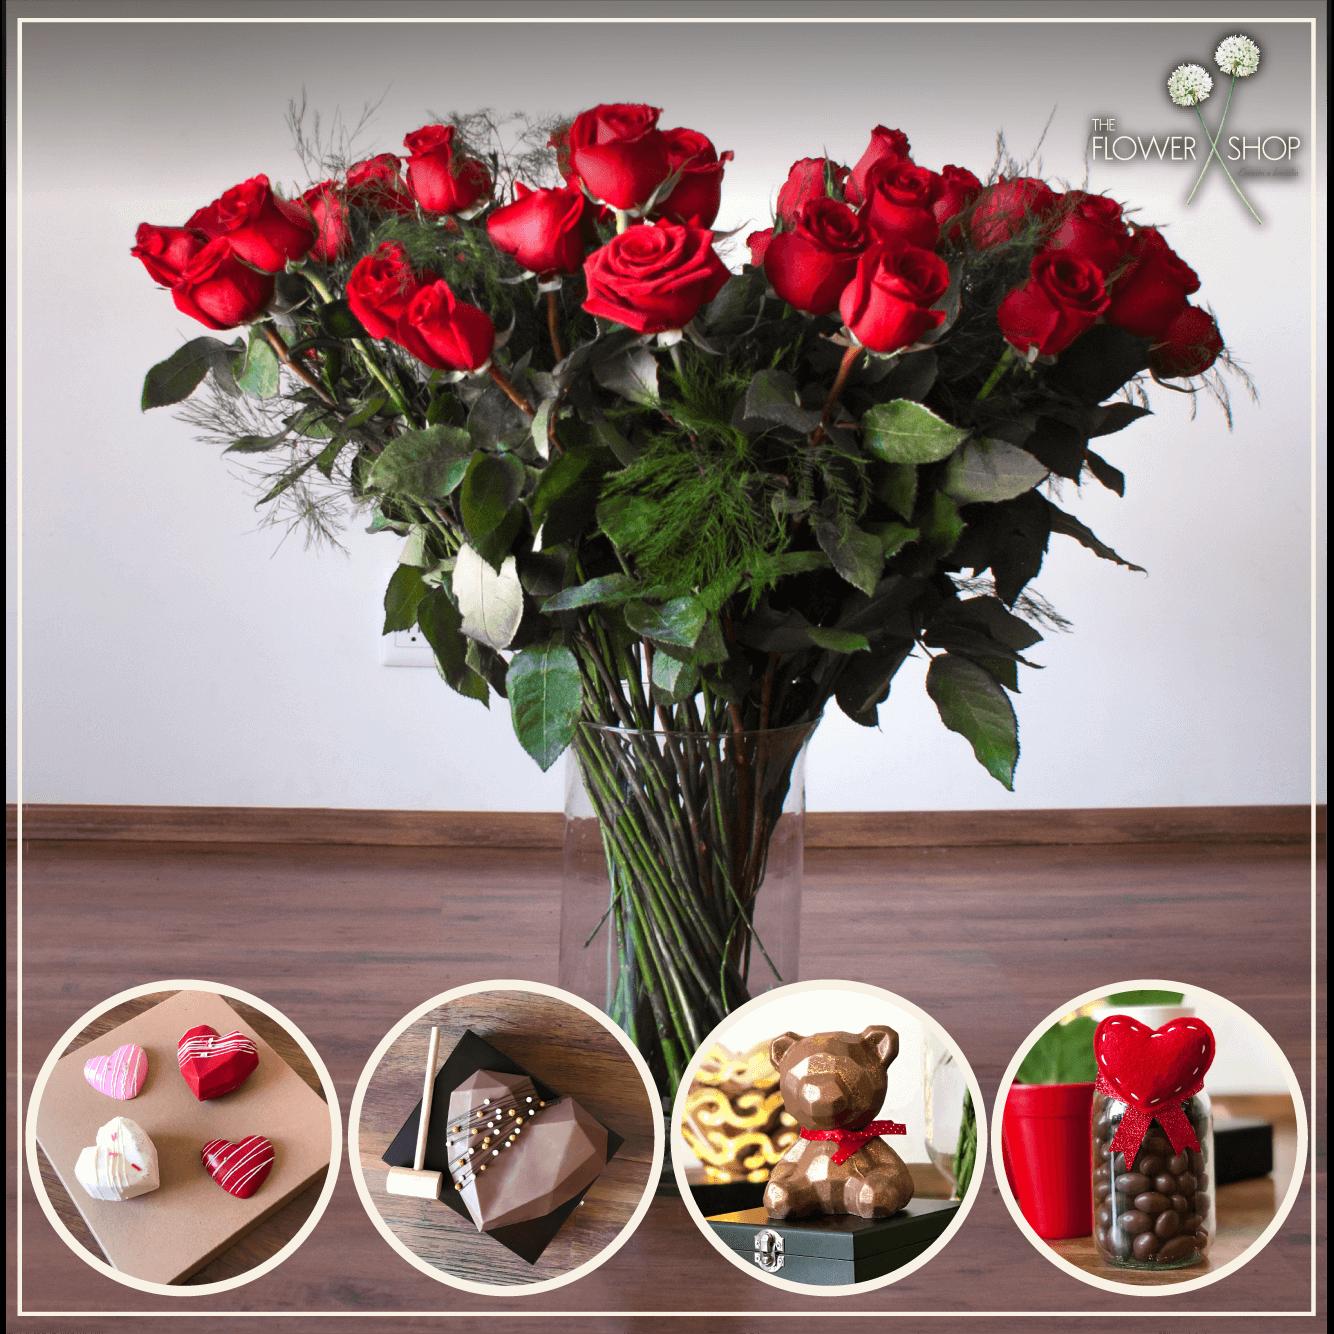 theflowershop-flores_a_domicilio-flores_por_suscripcion-flores_por_membresia_bouquet_flores-24_rosas-opciones